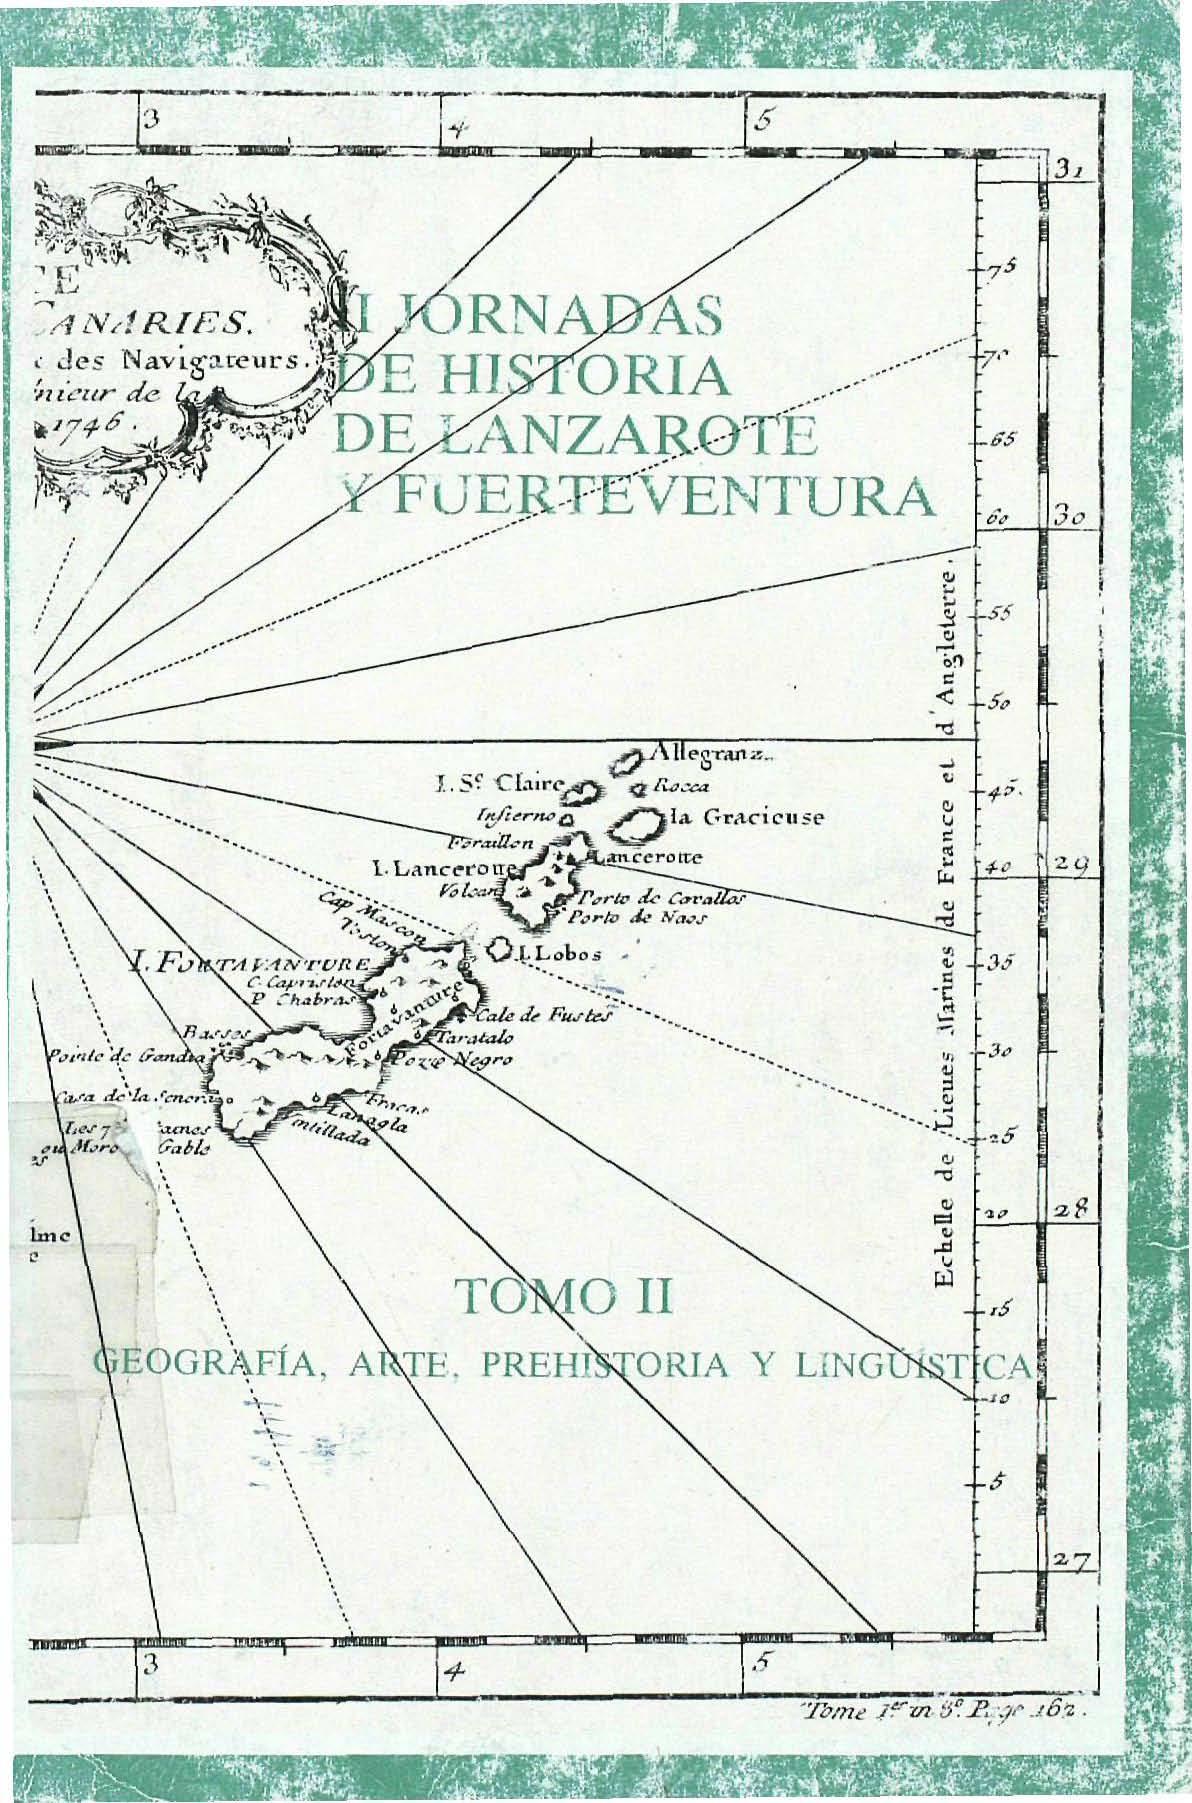 Reflexiones sobre los primeros momentos de la historia del Puerto del Arrecife